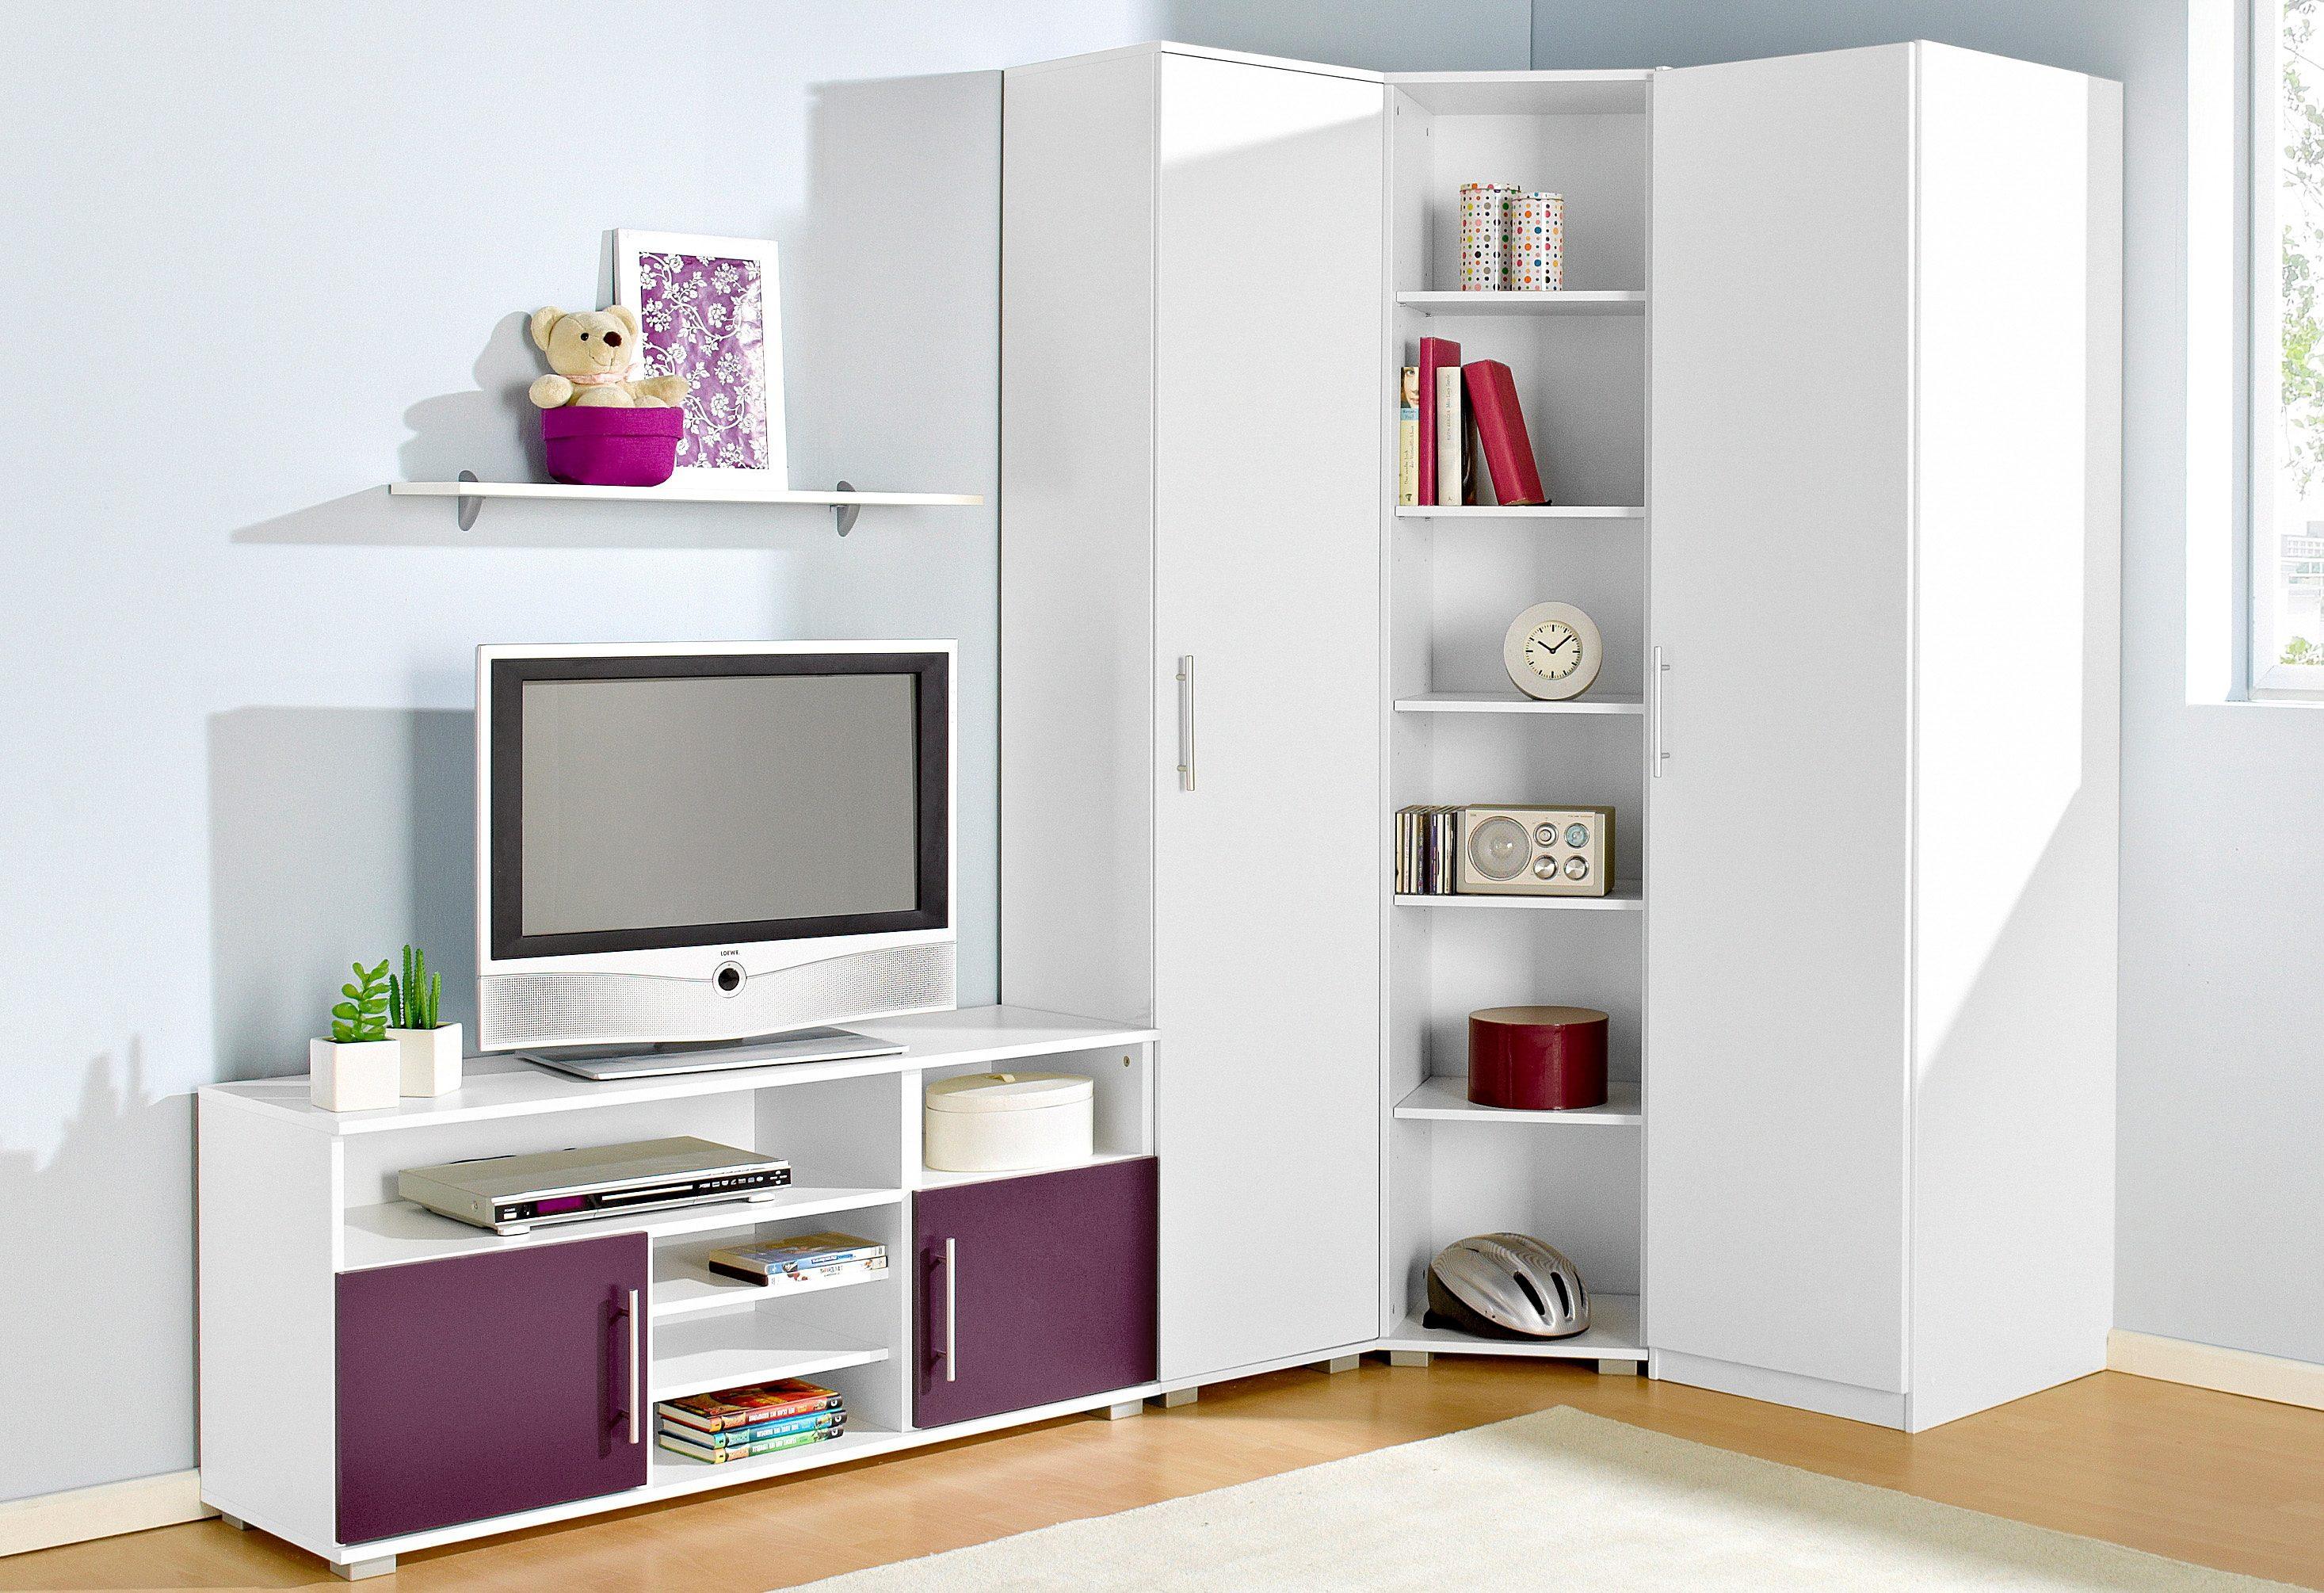 Jugendzimmer-Set (Set 5-tlg) Wohnen/Möbel/Kindermöbel/Jugendmöbel/Komplett-Jugendzimmer